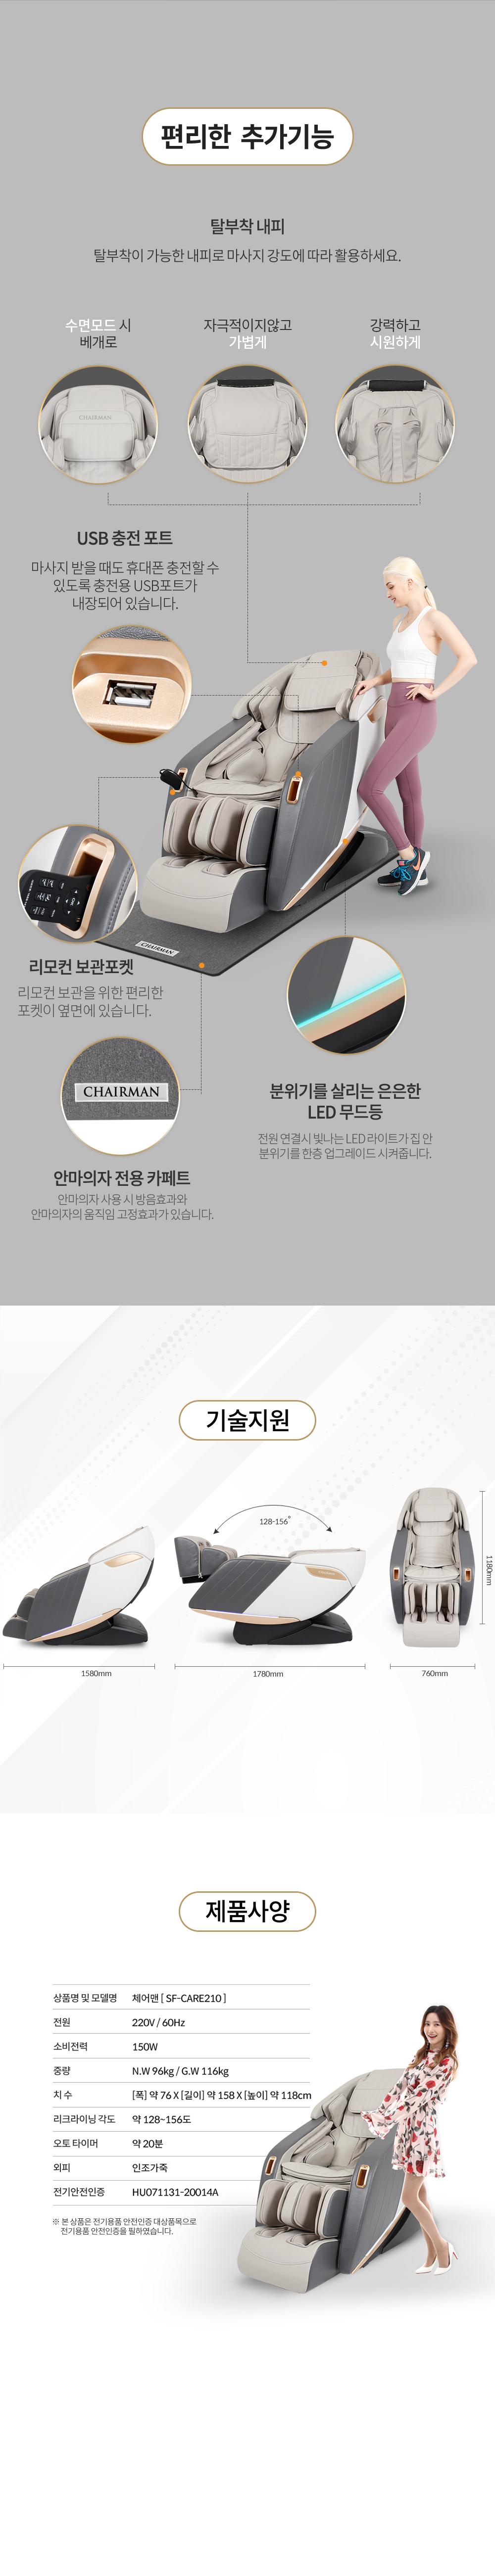 chairman_008.jpg